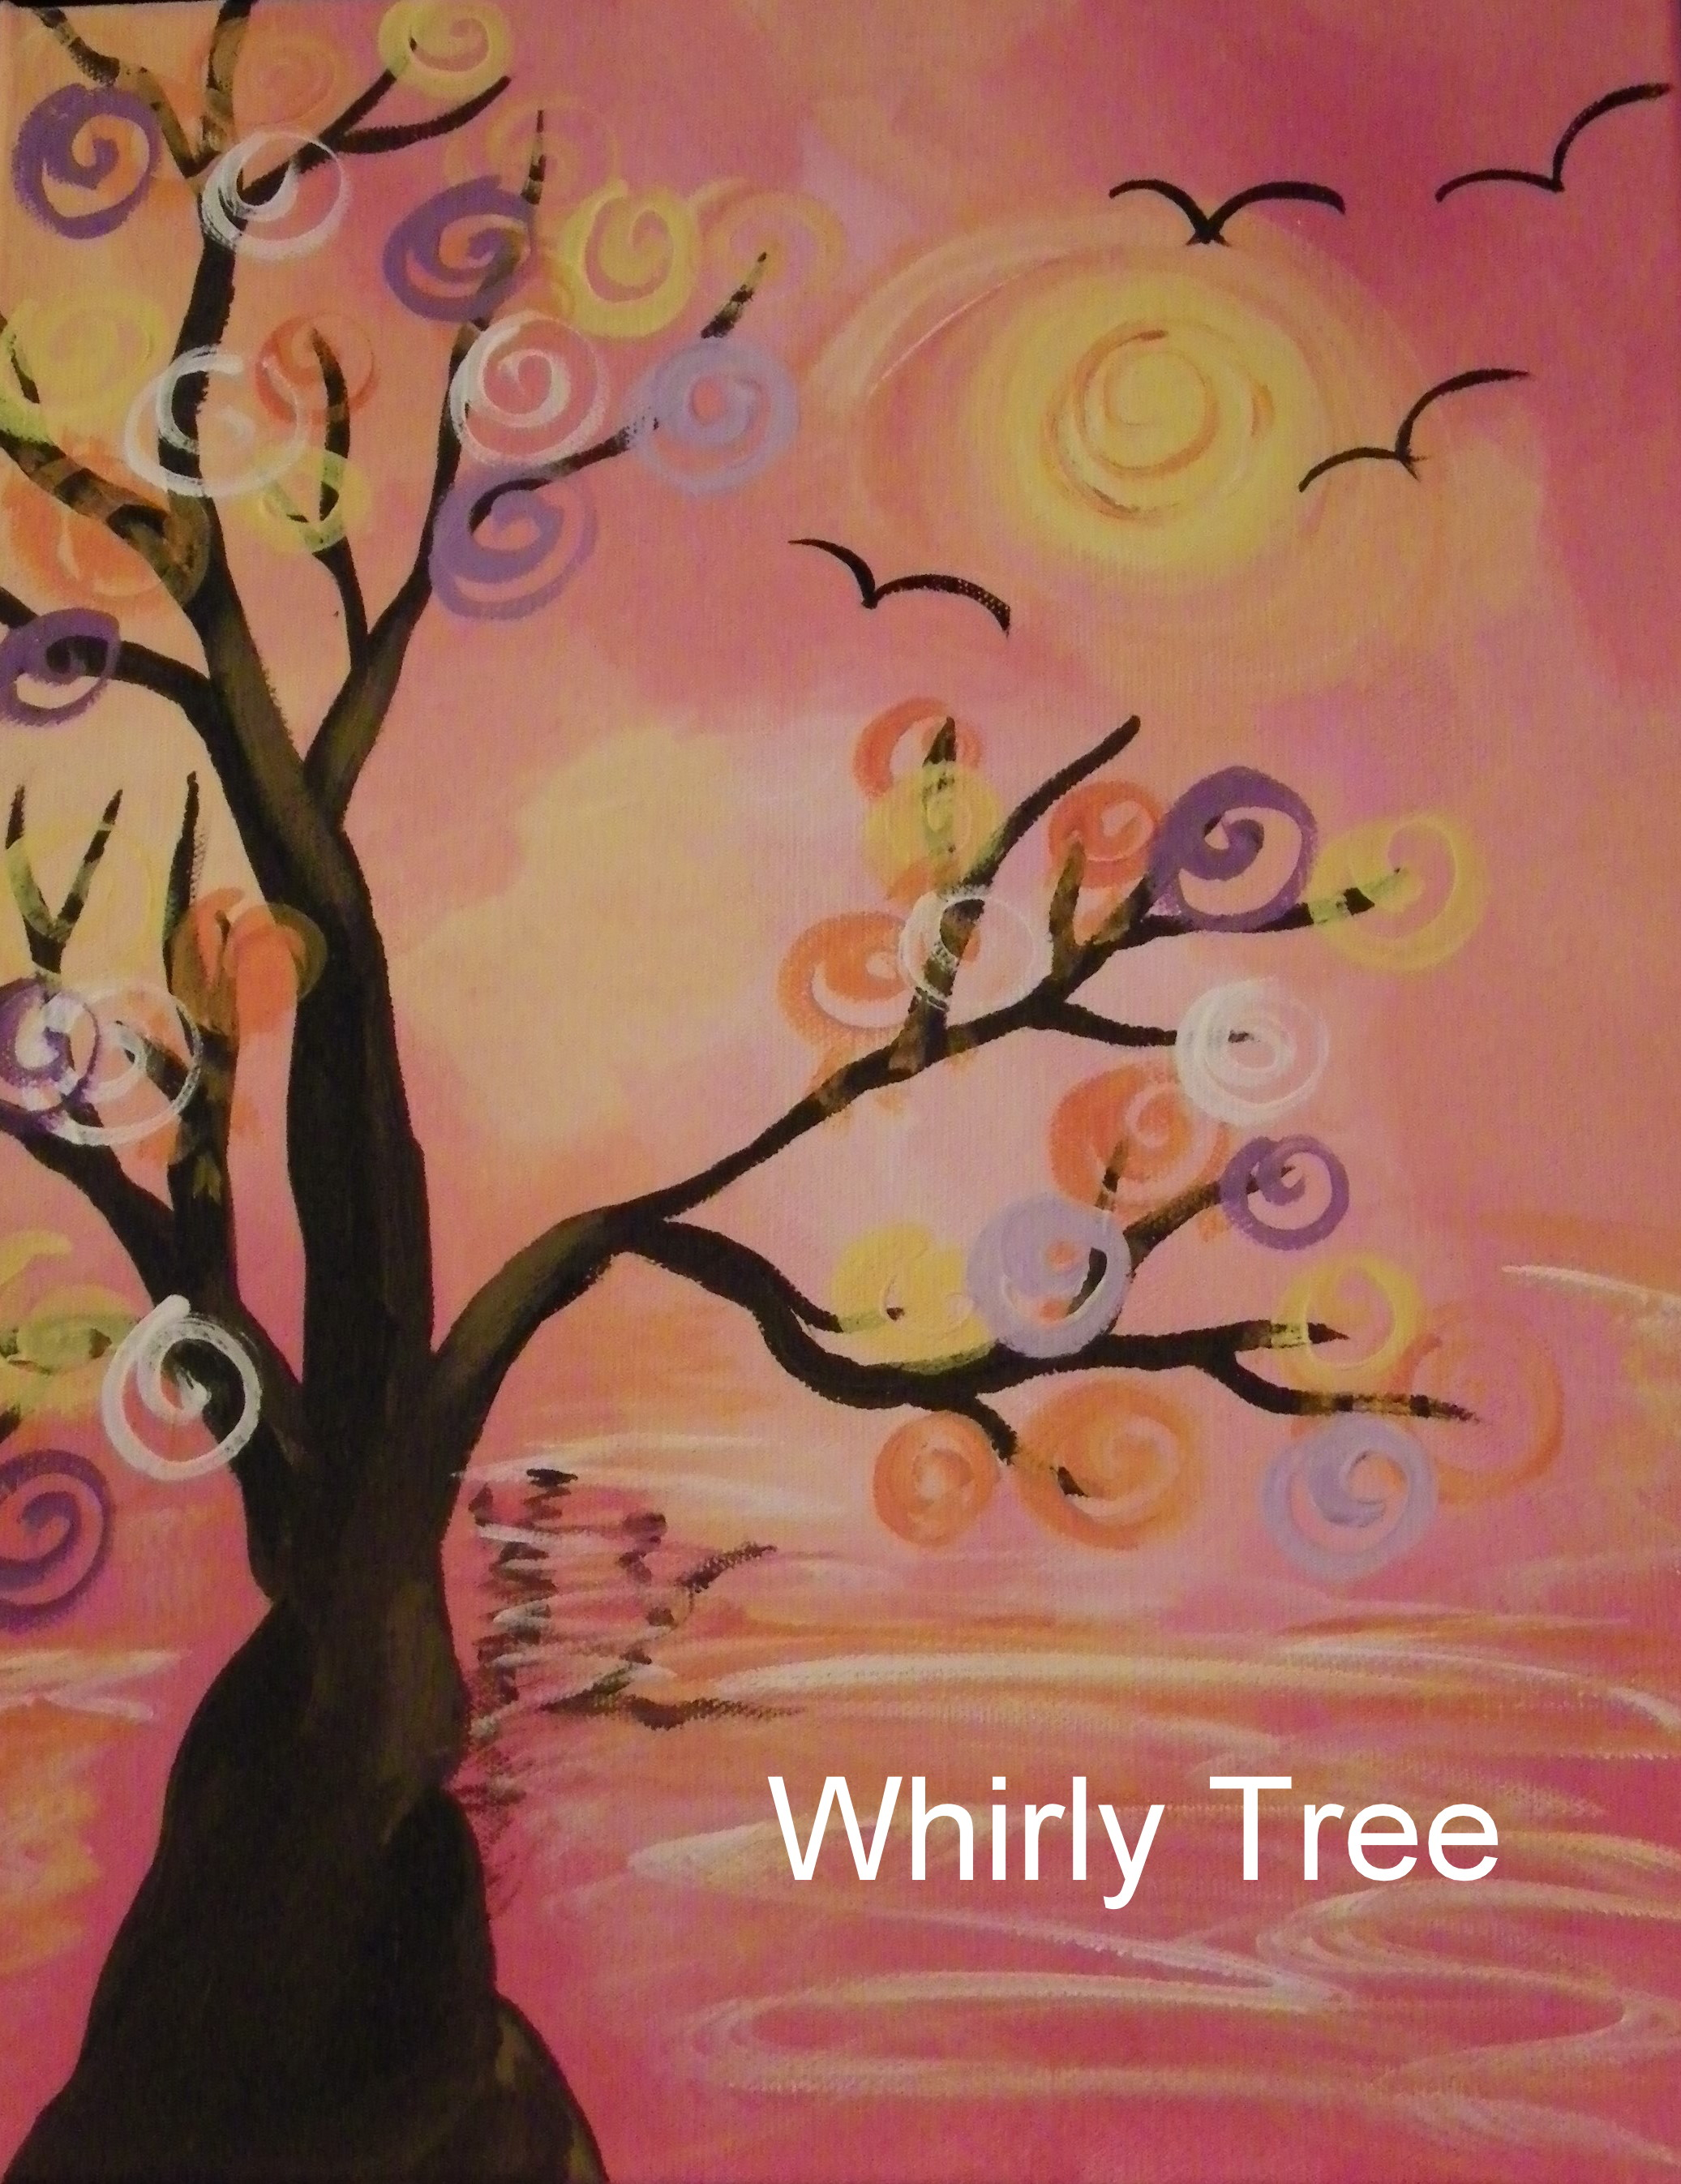 4PM Whirly Tree